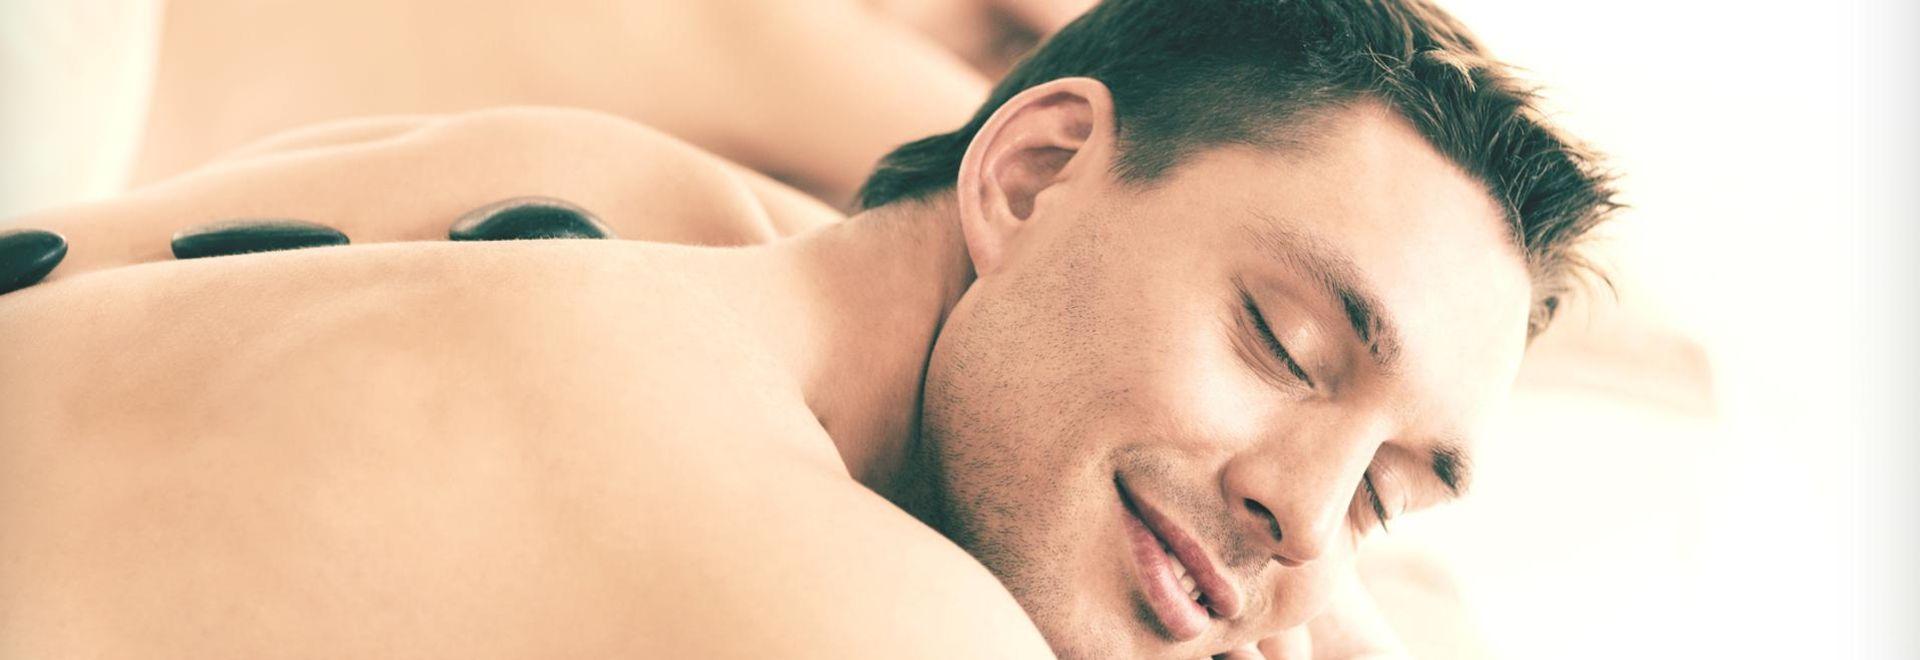 Spezialtechniken in der Hot Stone Massage zur Entspannung erarbeiten